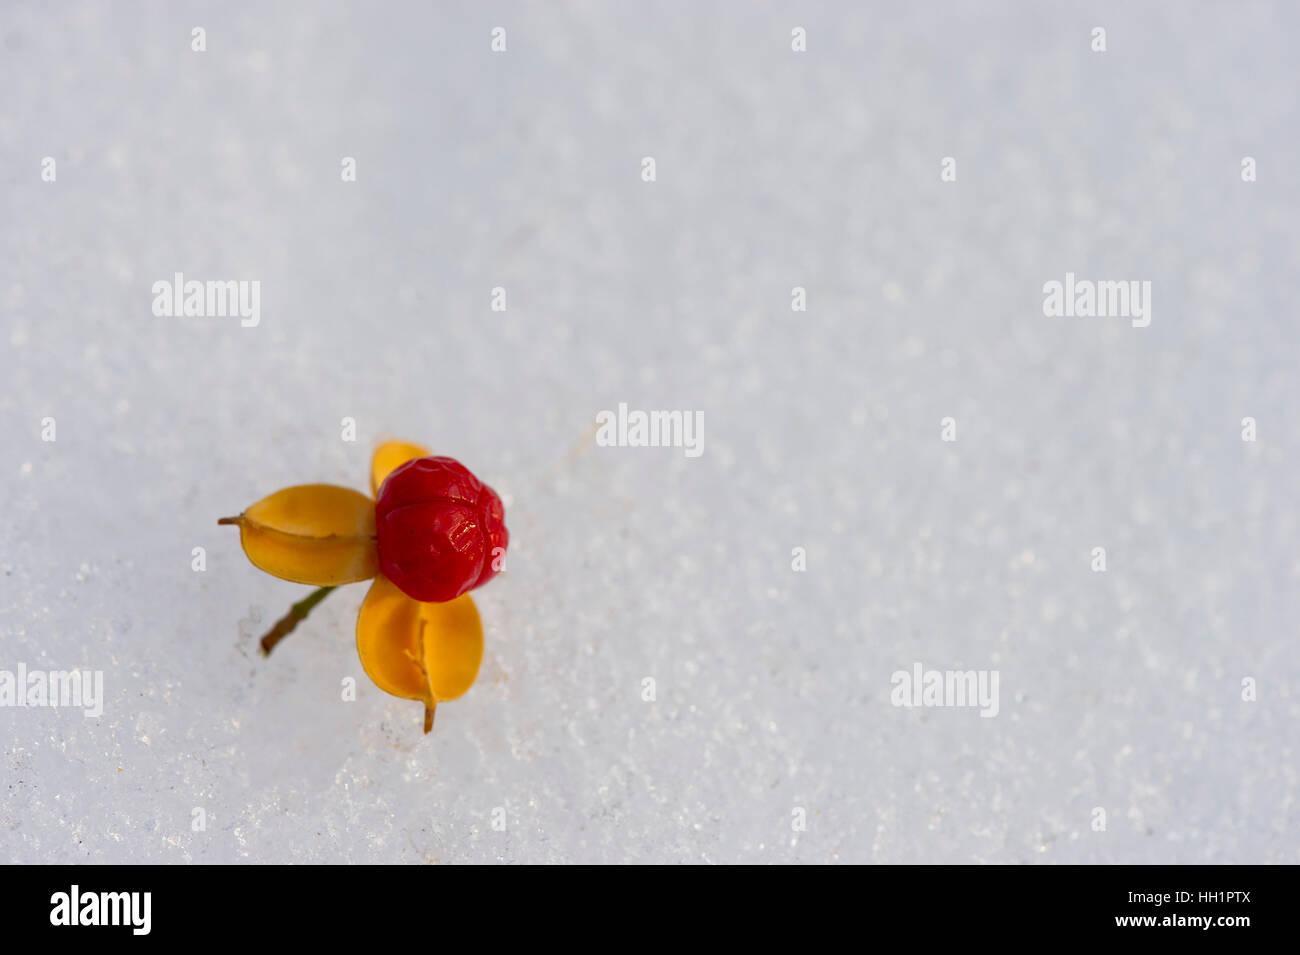 Una semilla roja y amarilla sobre la nieve recién caída. Imagen De Stock